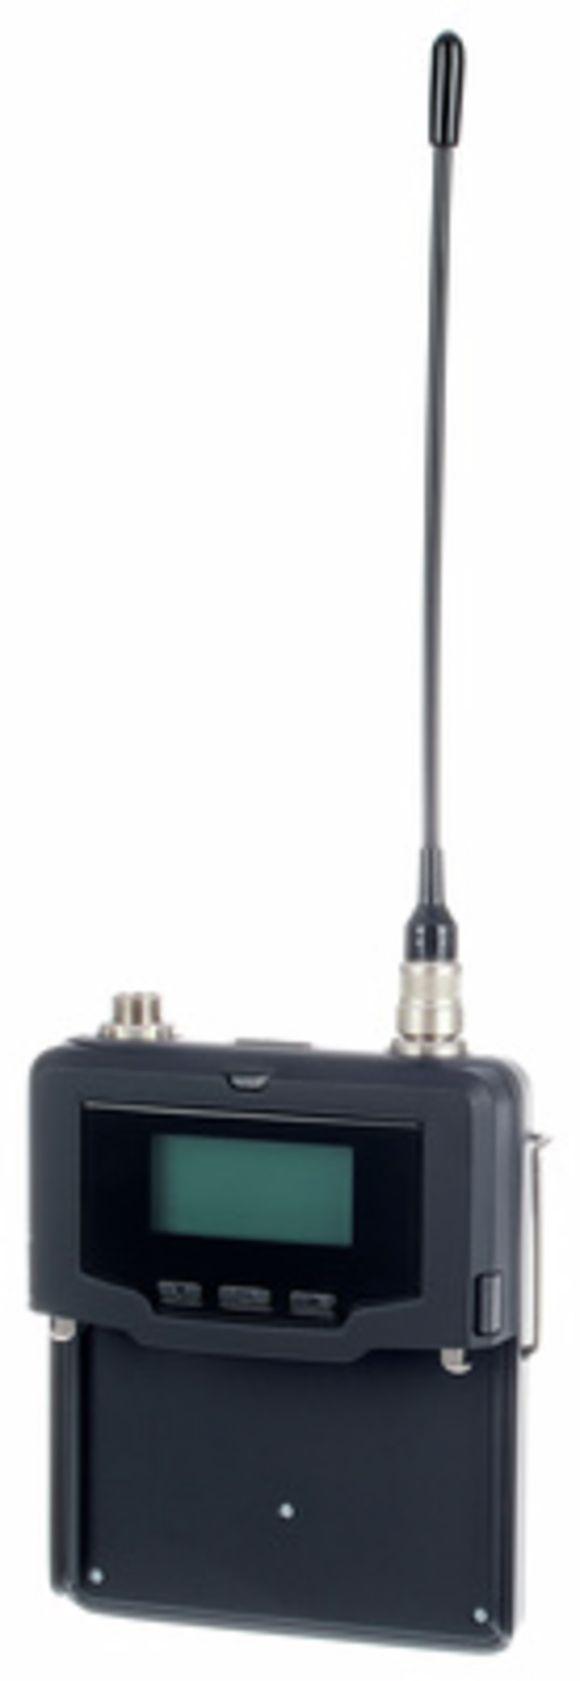 SK 6000 BK A1-A4 Sennheiser